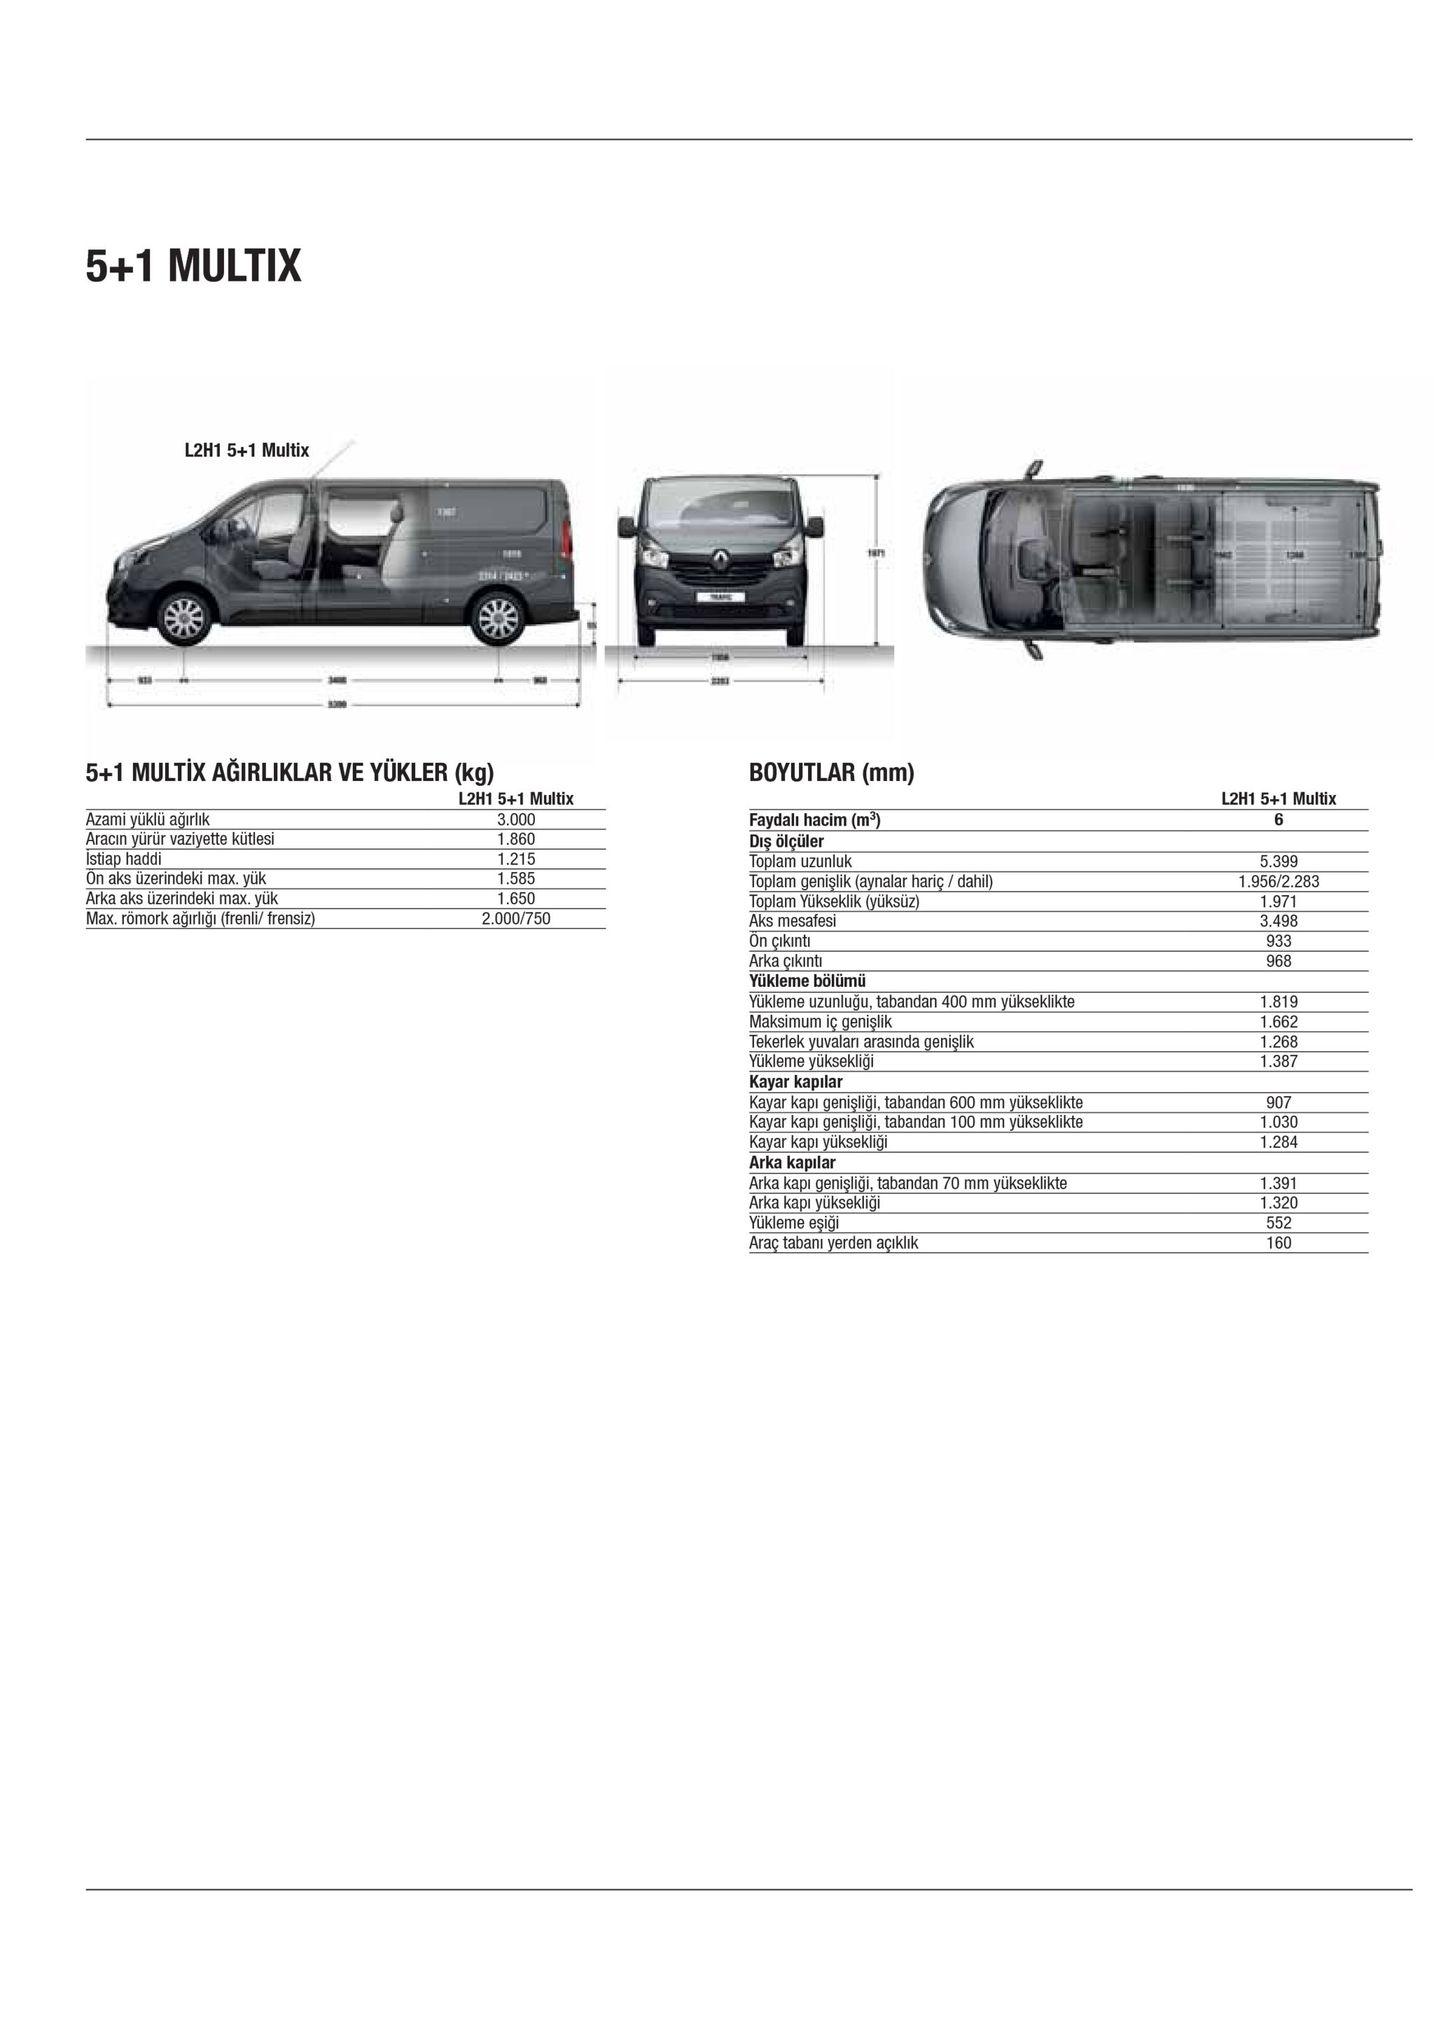 Araç genişliği, toplam boyutlar